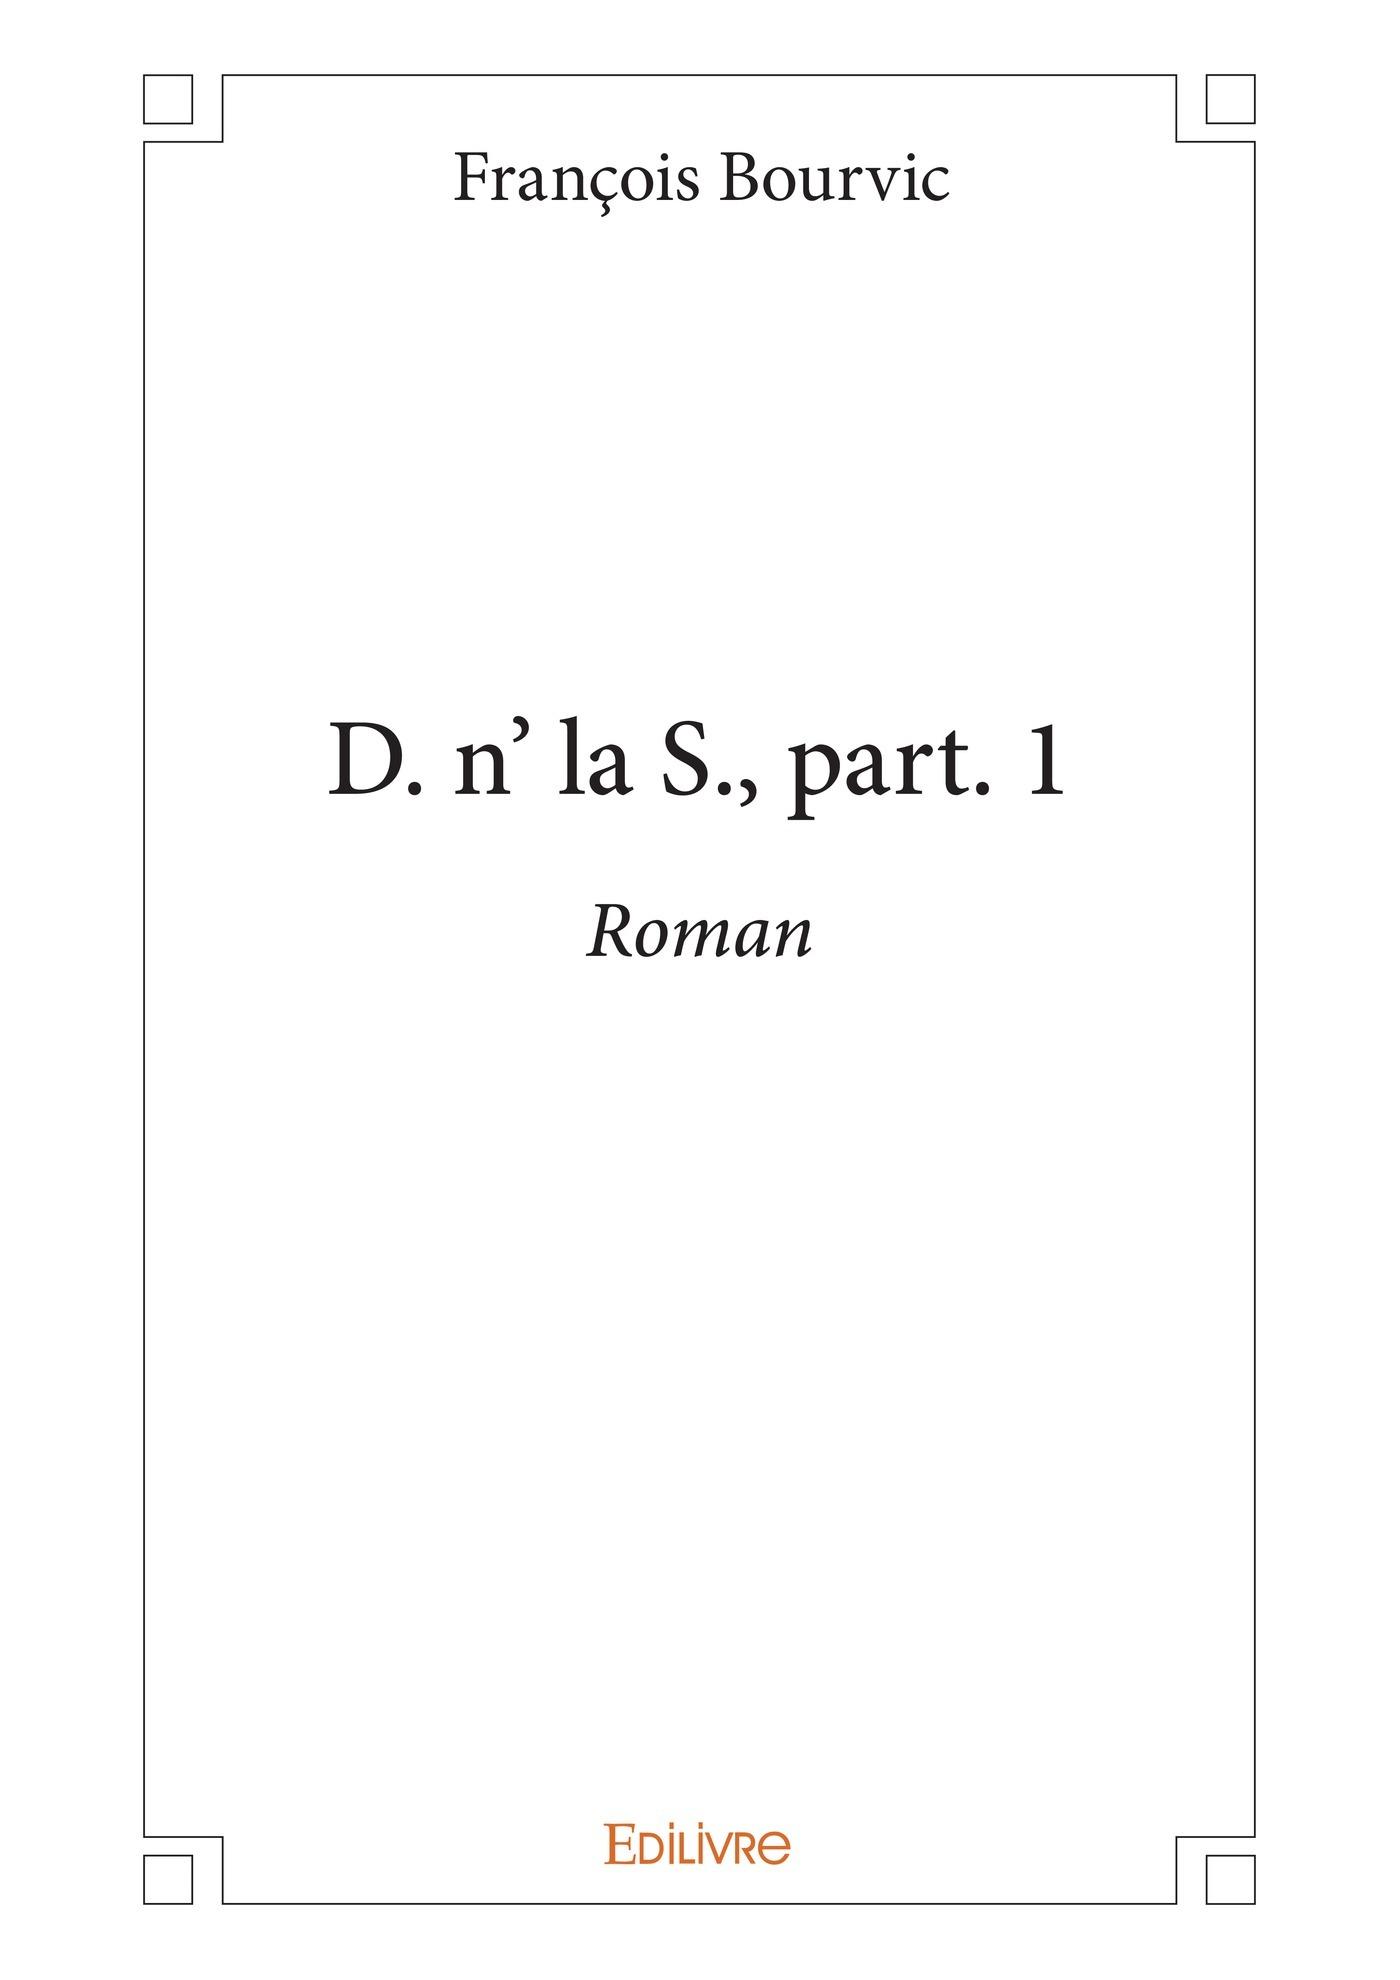 D. n' la S., part. 1